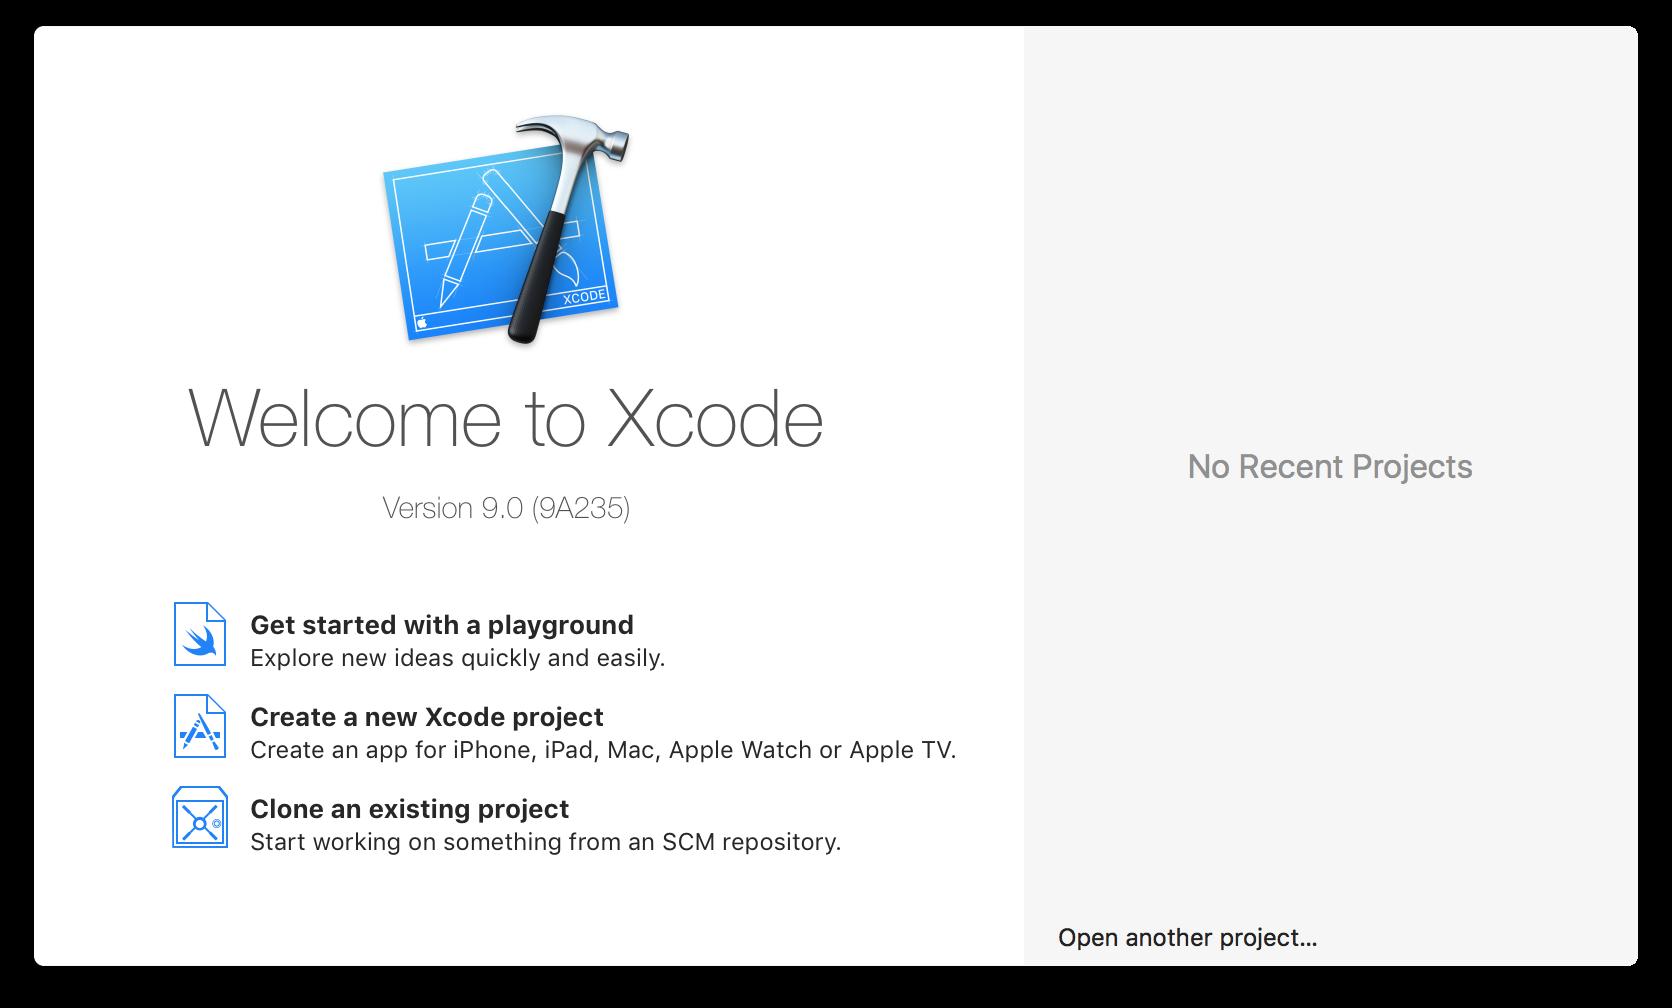 Xcode welcome window